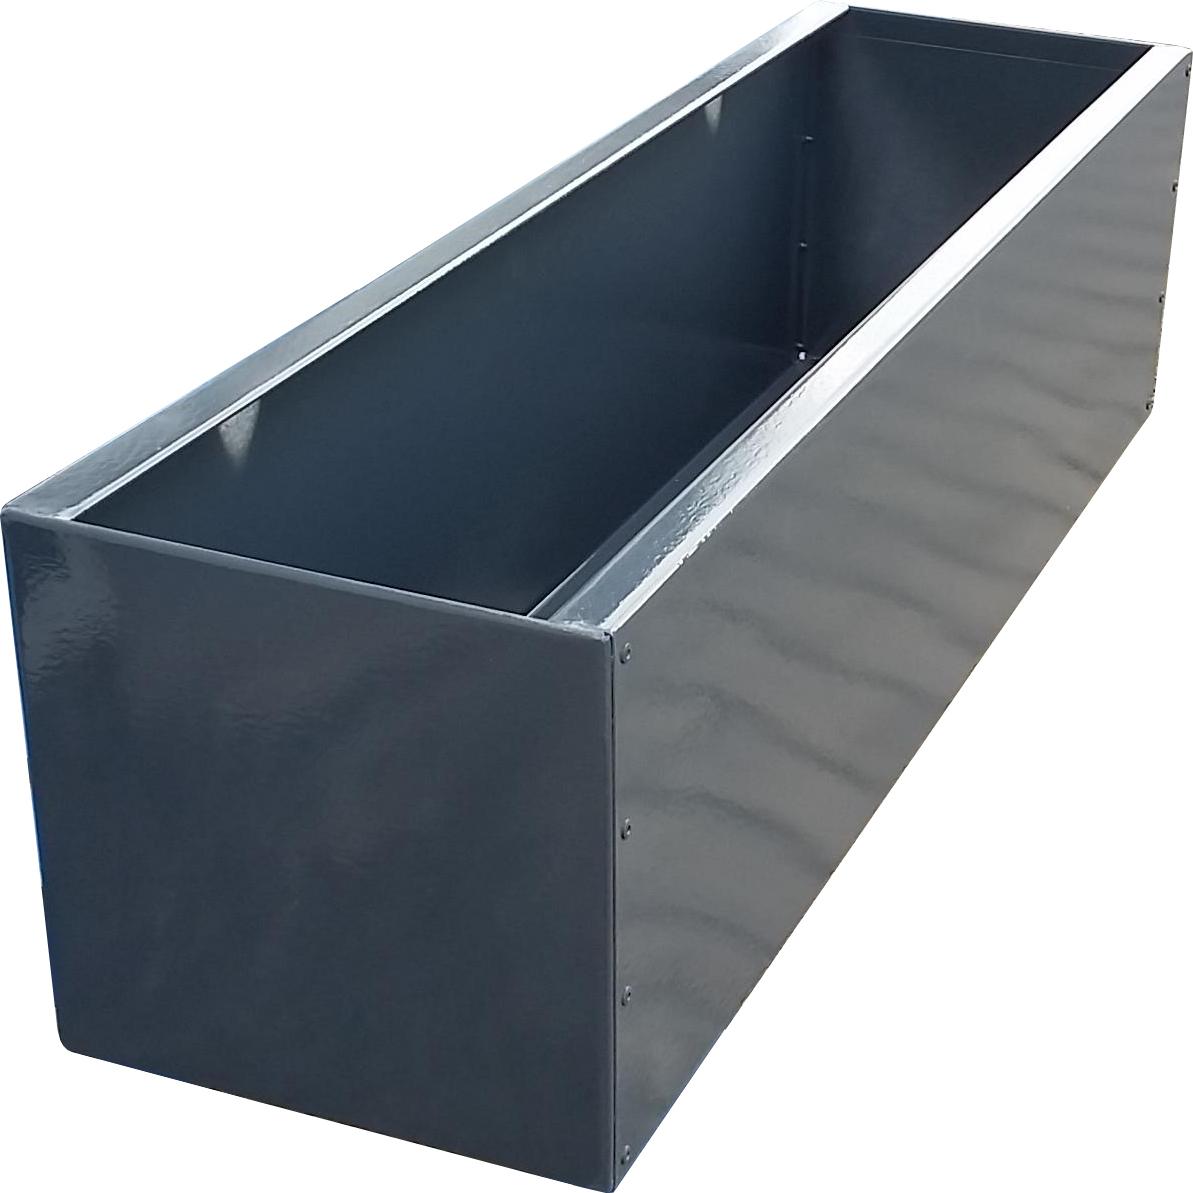 wmt boenen litfa s ulen blumenk sten und pflanzk sten. Black Bedroom Furniture Sets. Home Design Ideas